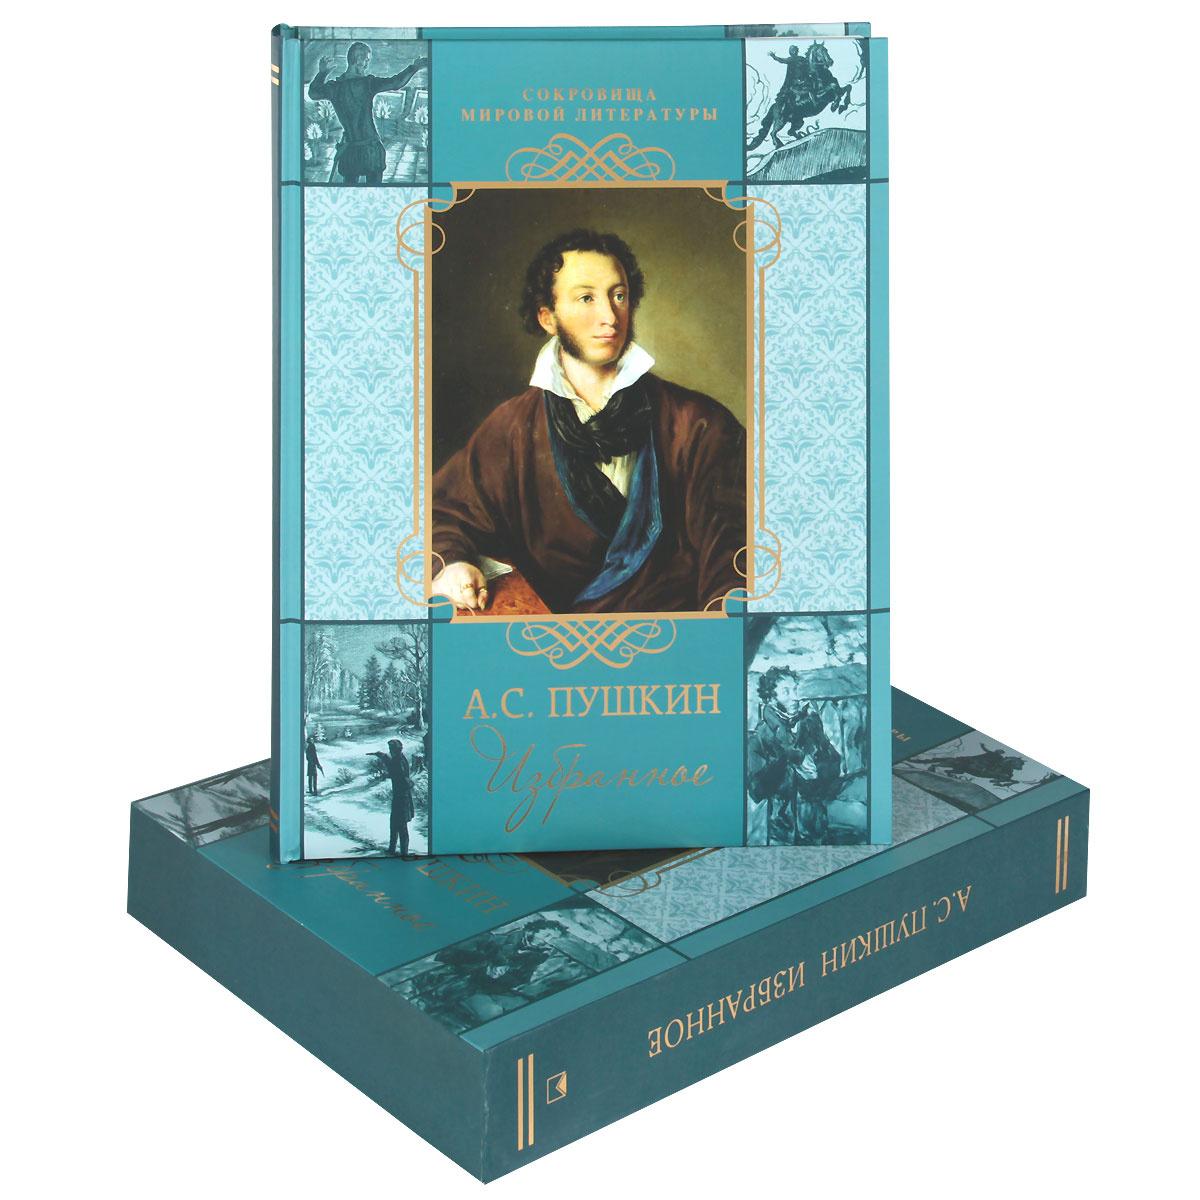 А. С. Пушкин. Избранное (подарочное издание) #1